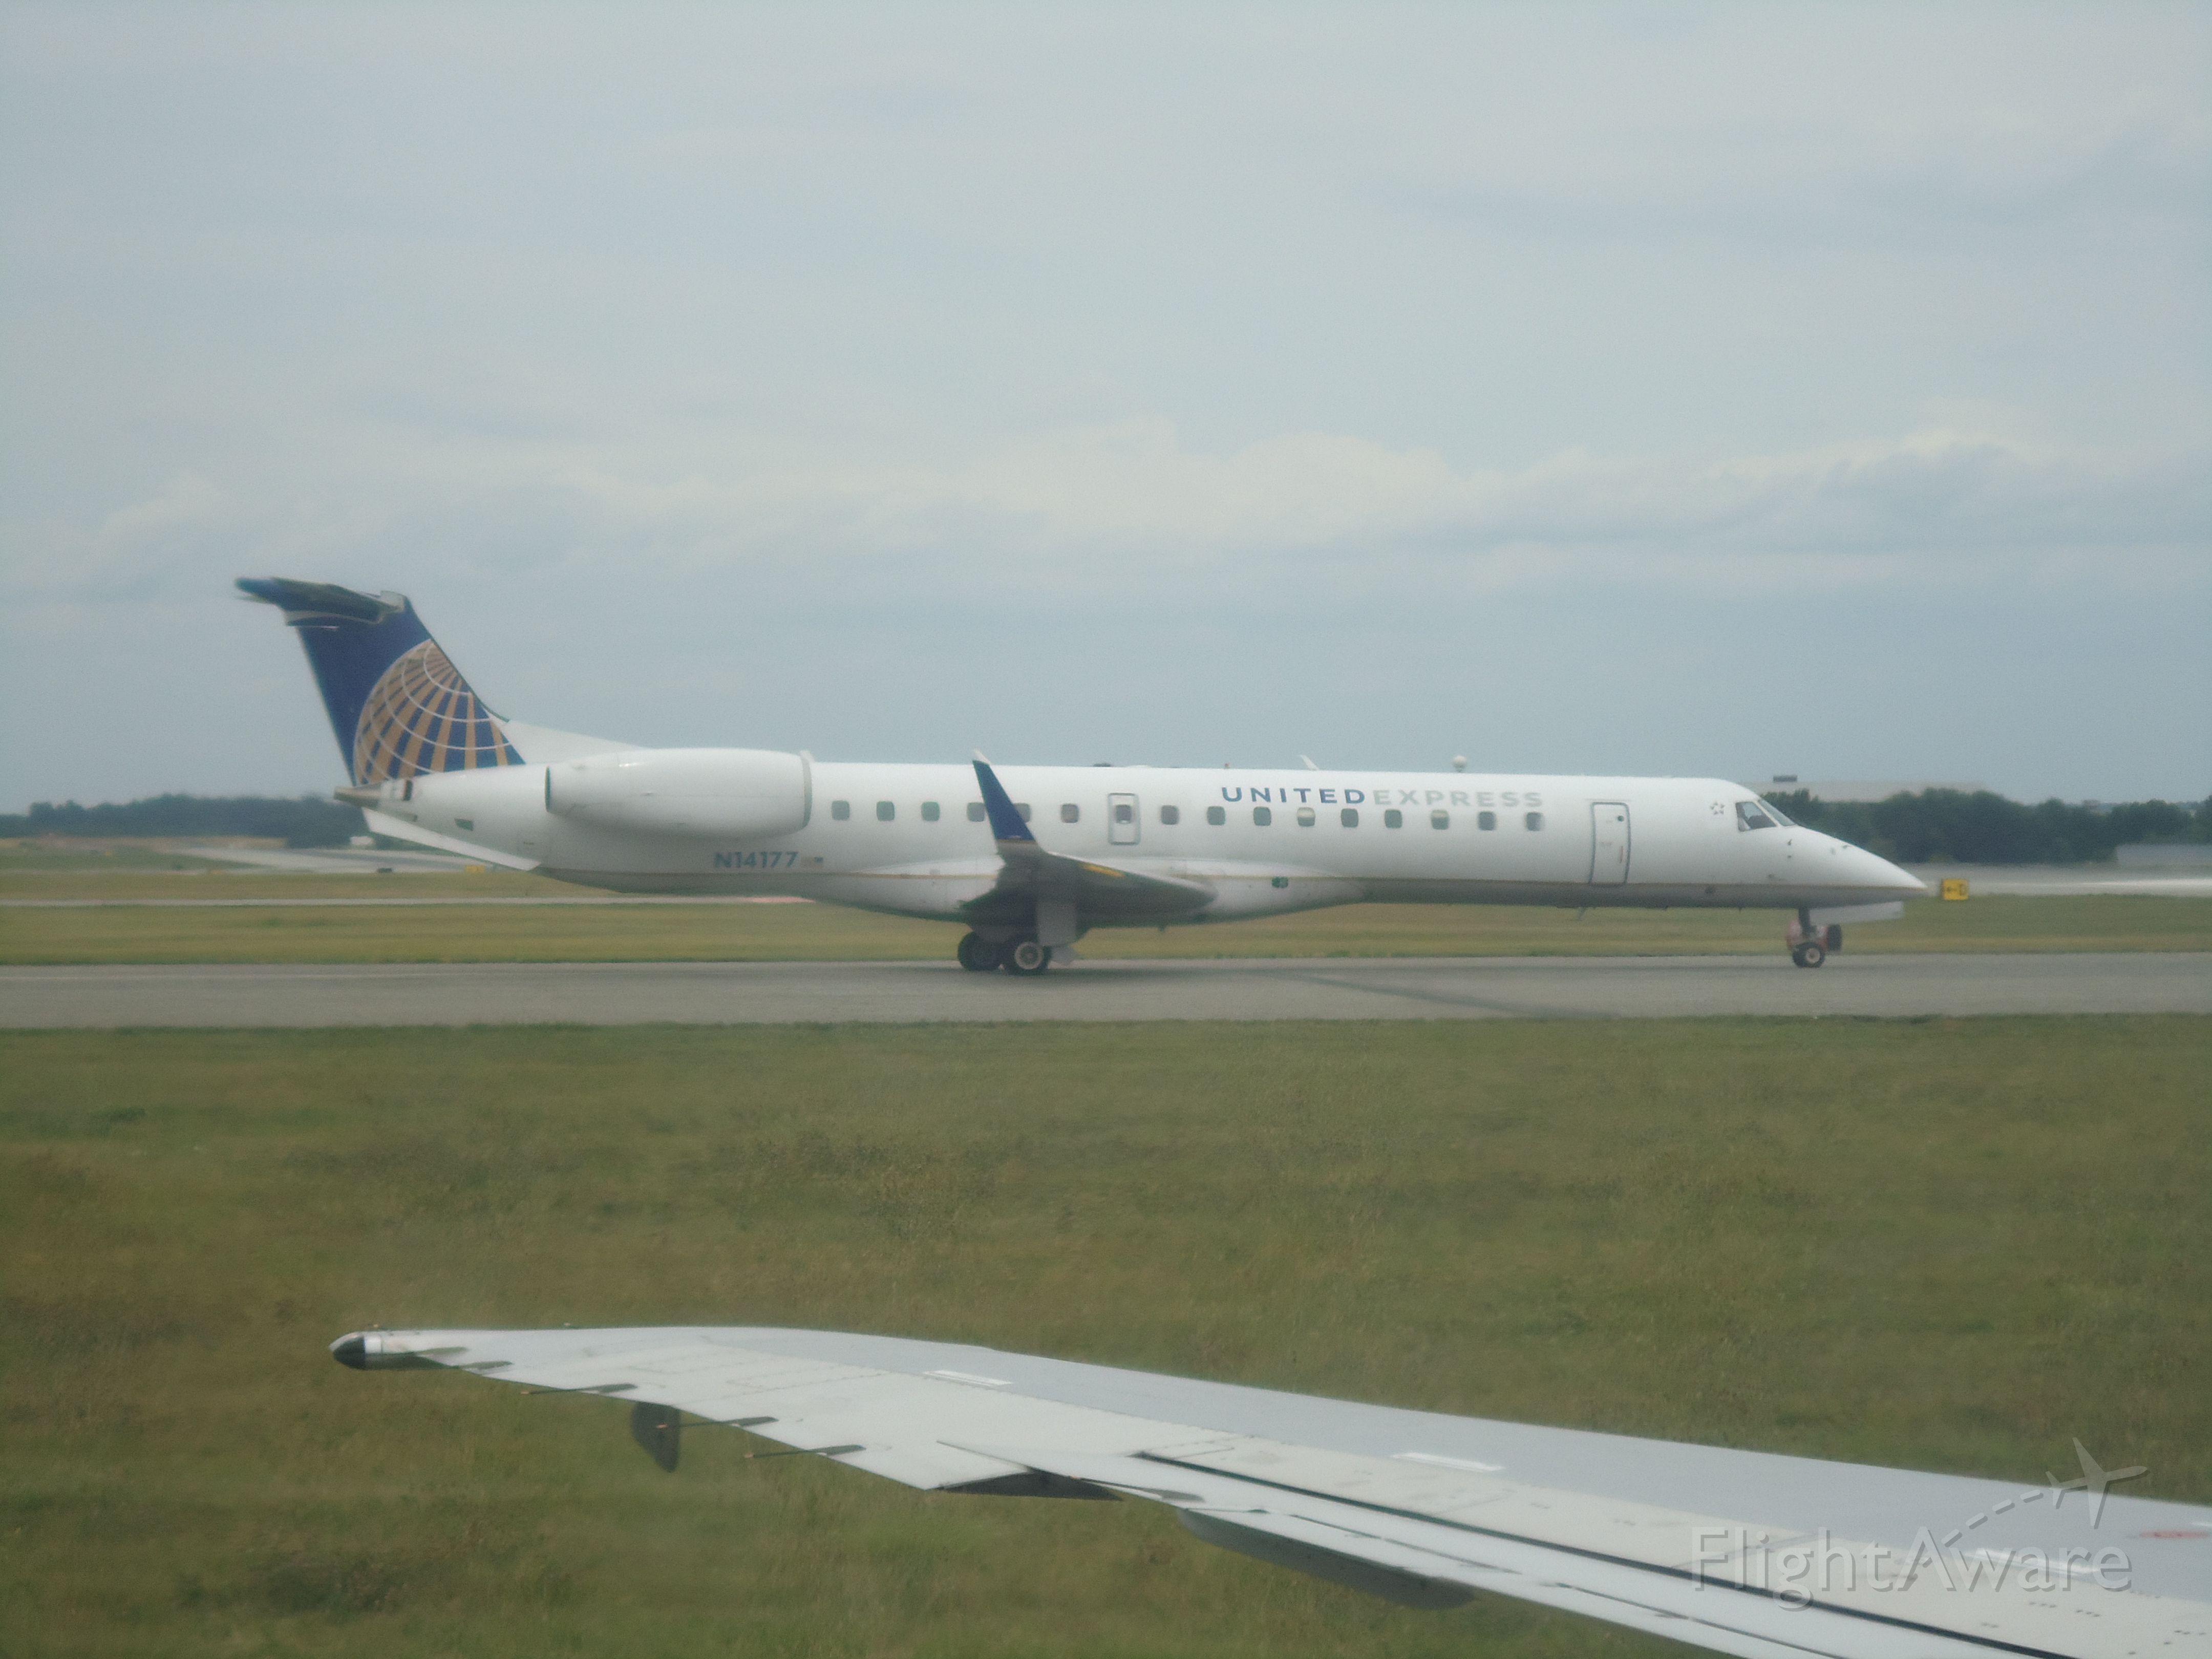 Embraer ERJ-145 (N14177)